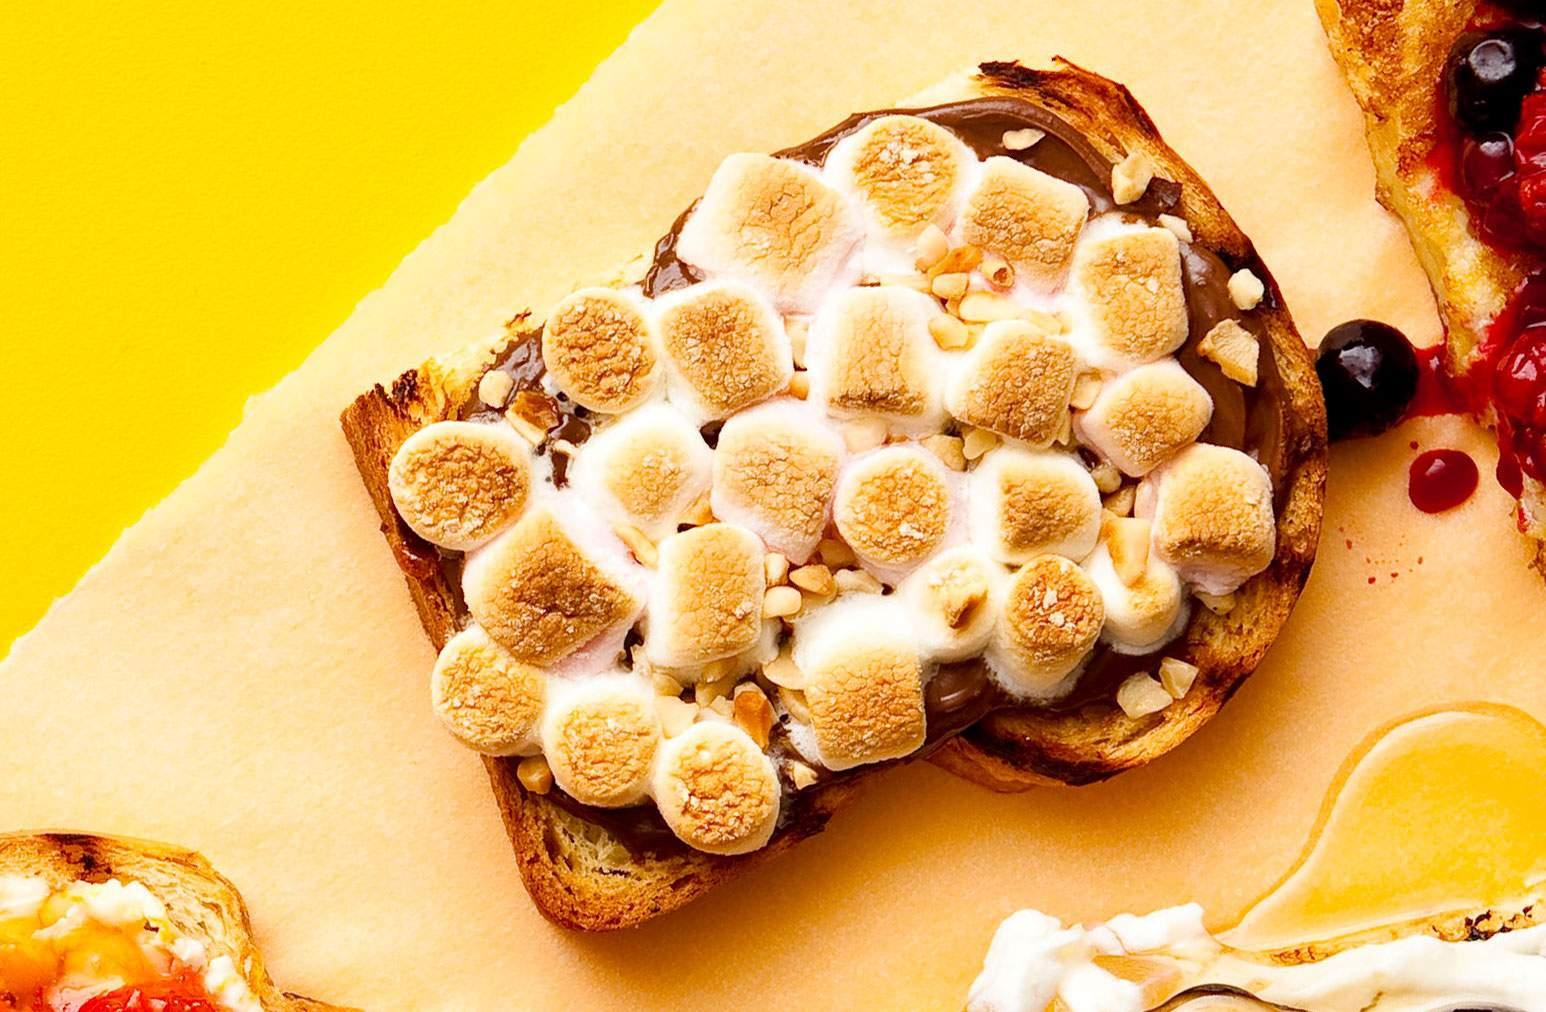 Topper de tostadas de malva y chocolate con nueces Una manera maravillosamente pegajosa de comenzar el día o satisfacer a los golosos.